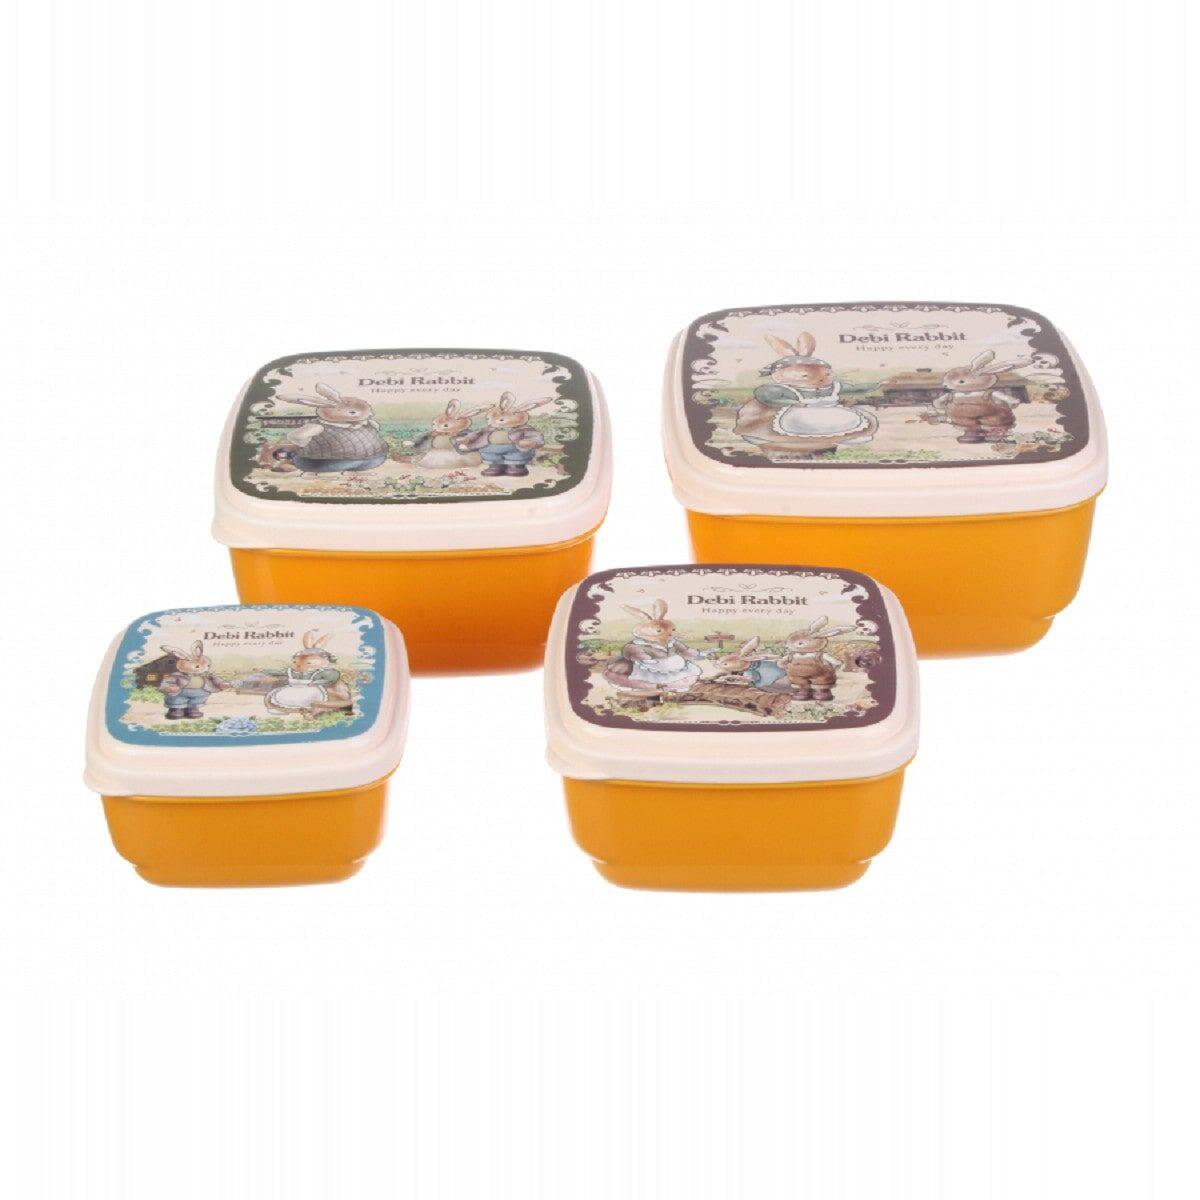 Комплект квадратних боксів Debi Rabbit (4 шт.), помаранчевий